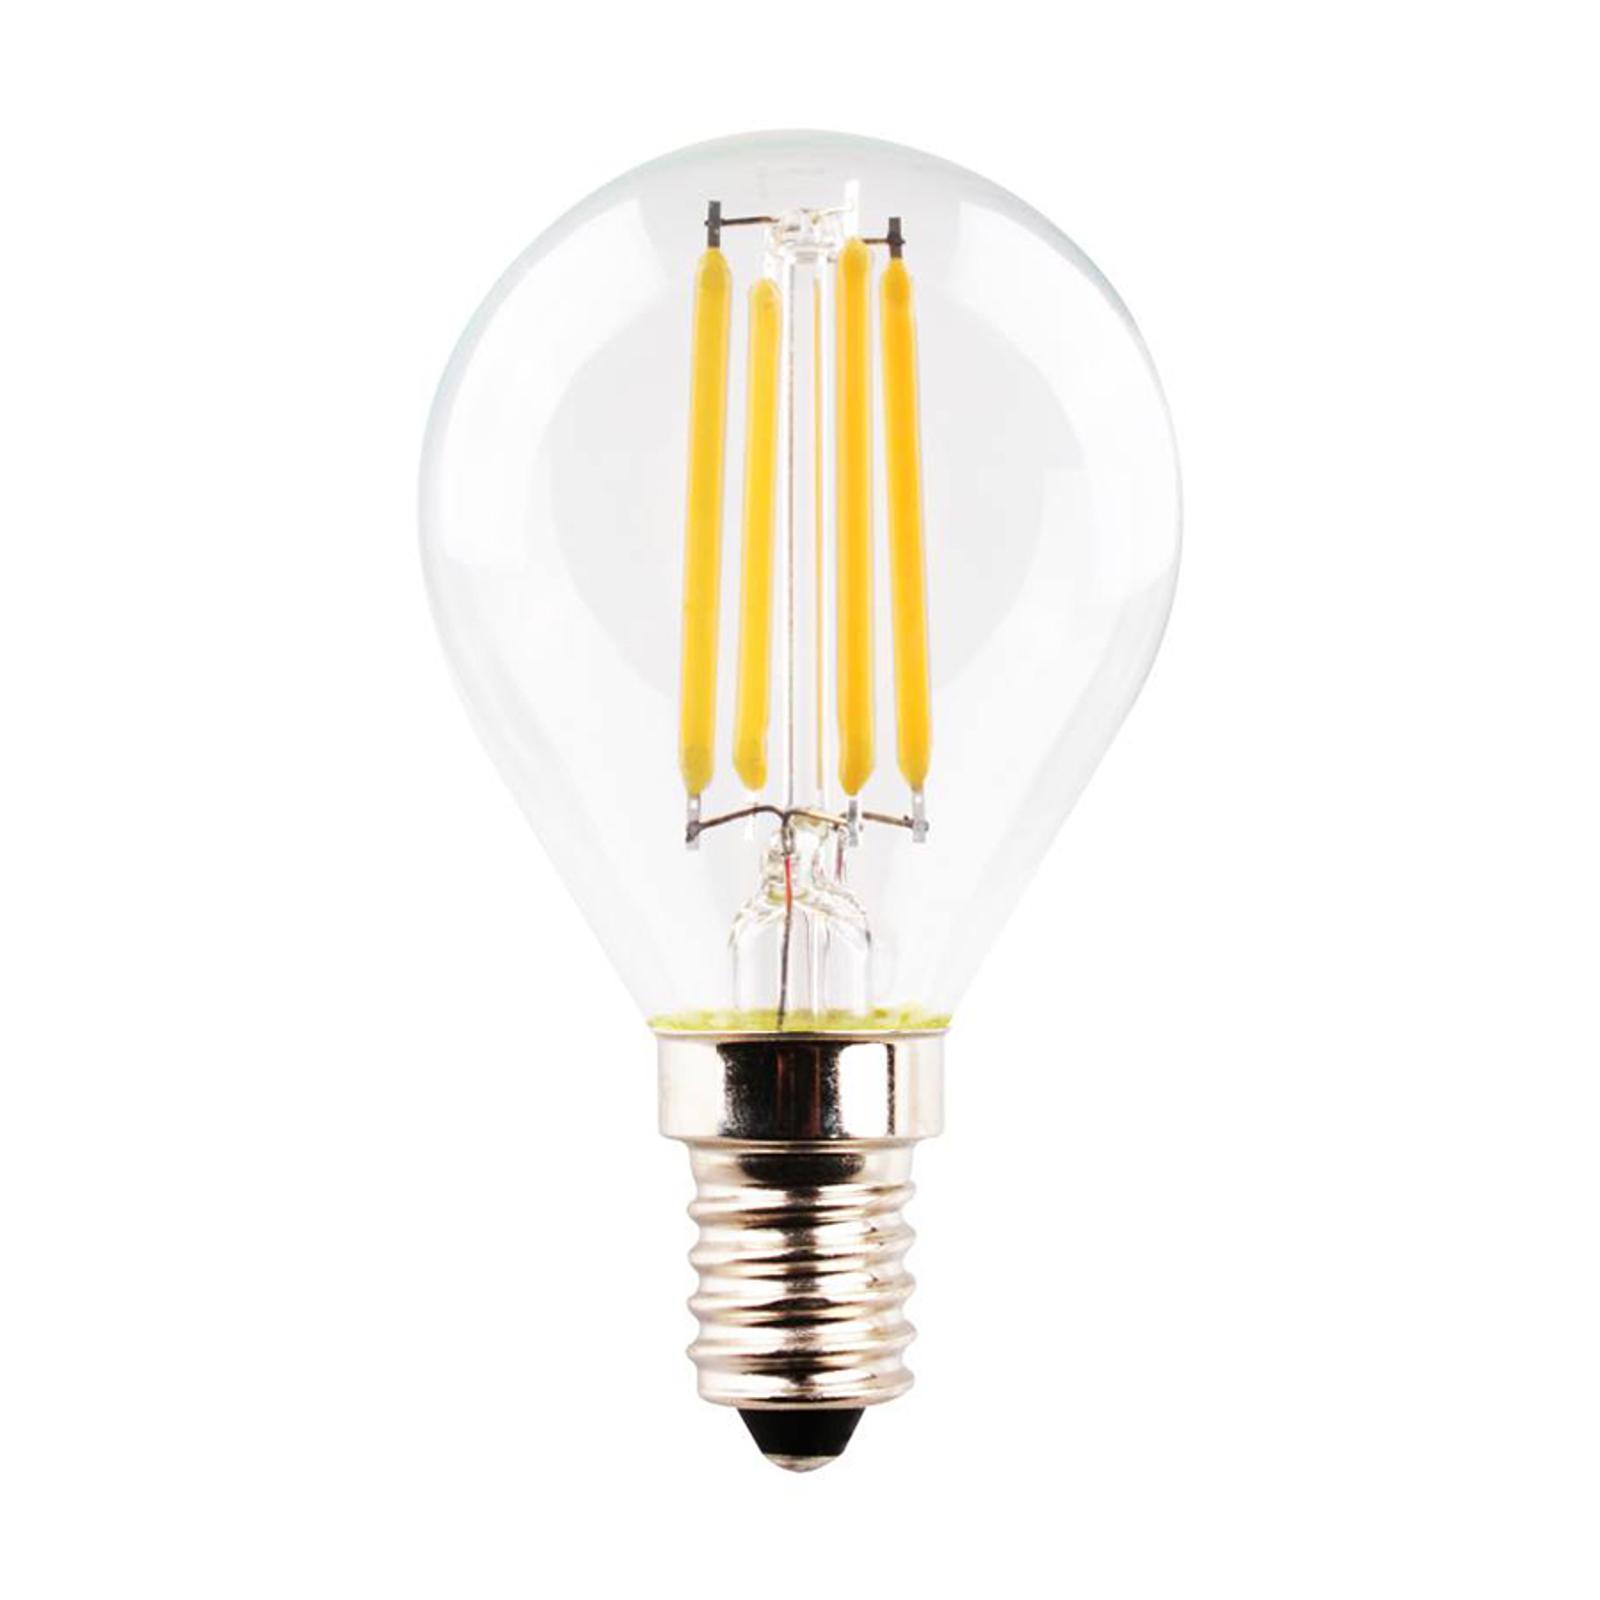 LED-pære E14 dråpe 4 W 2°700 K Filament klar